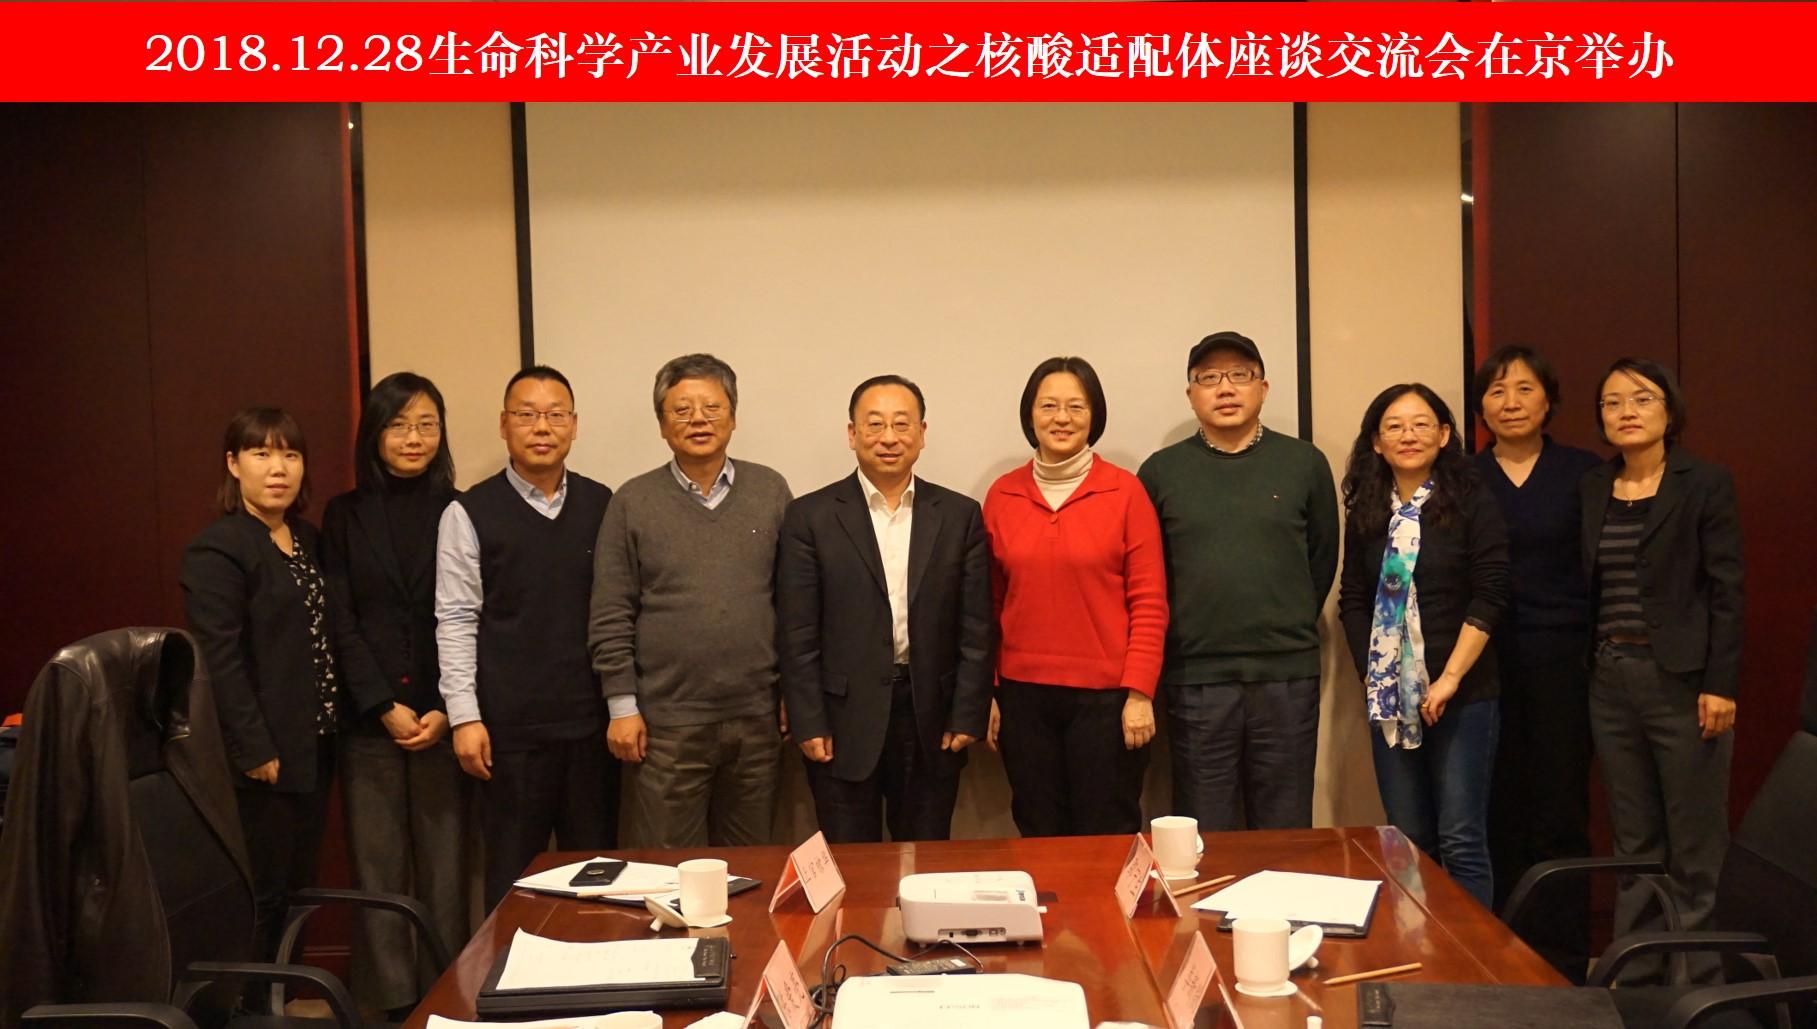 生命科学产业活动之核酸适配体座谈交流会在京举办